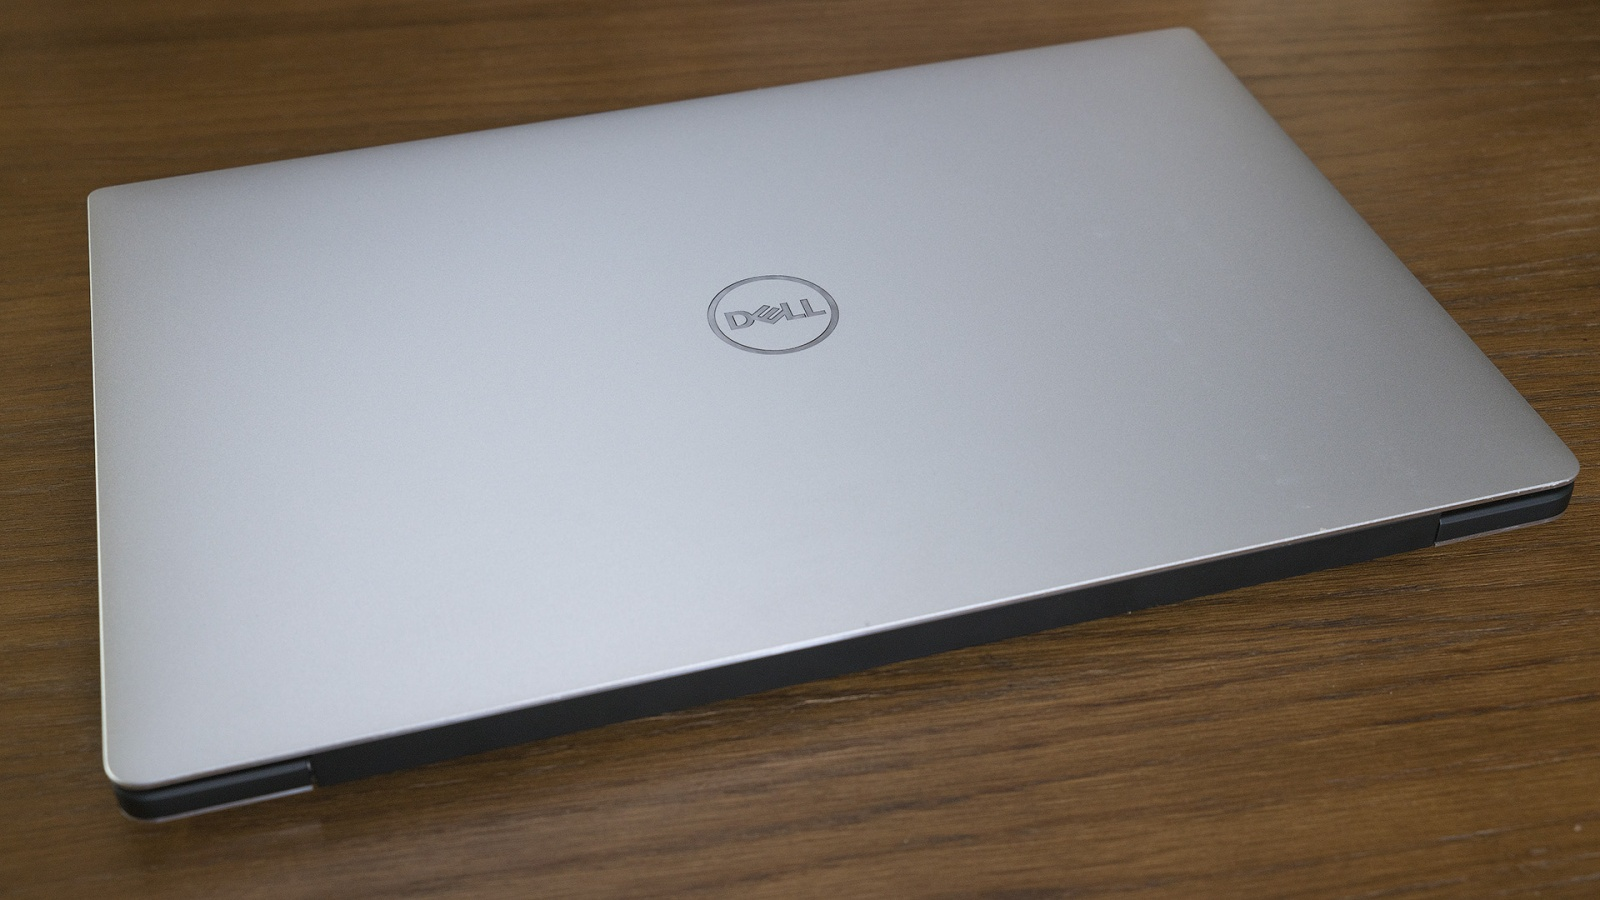 Обзор ноутбука Dell XPS 13 9370: лёгкий, красивый, быстрый - 5